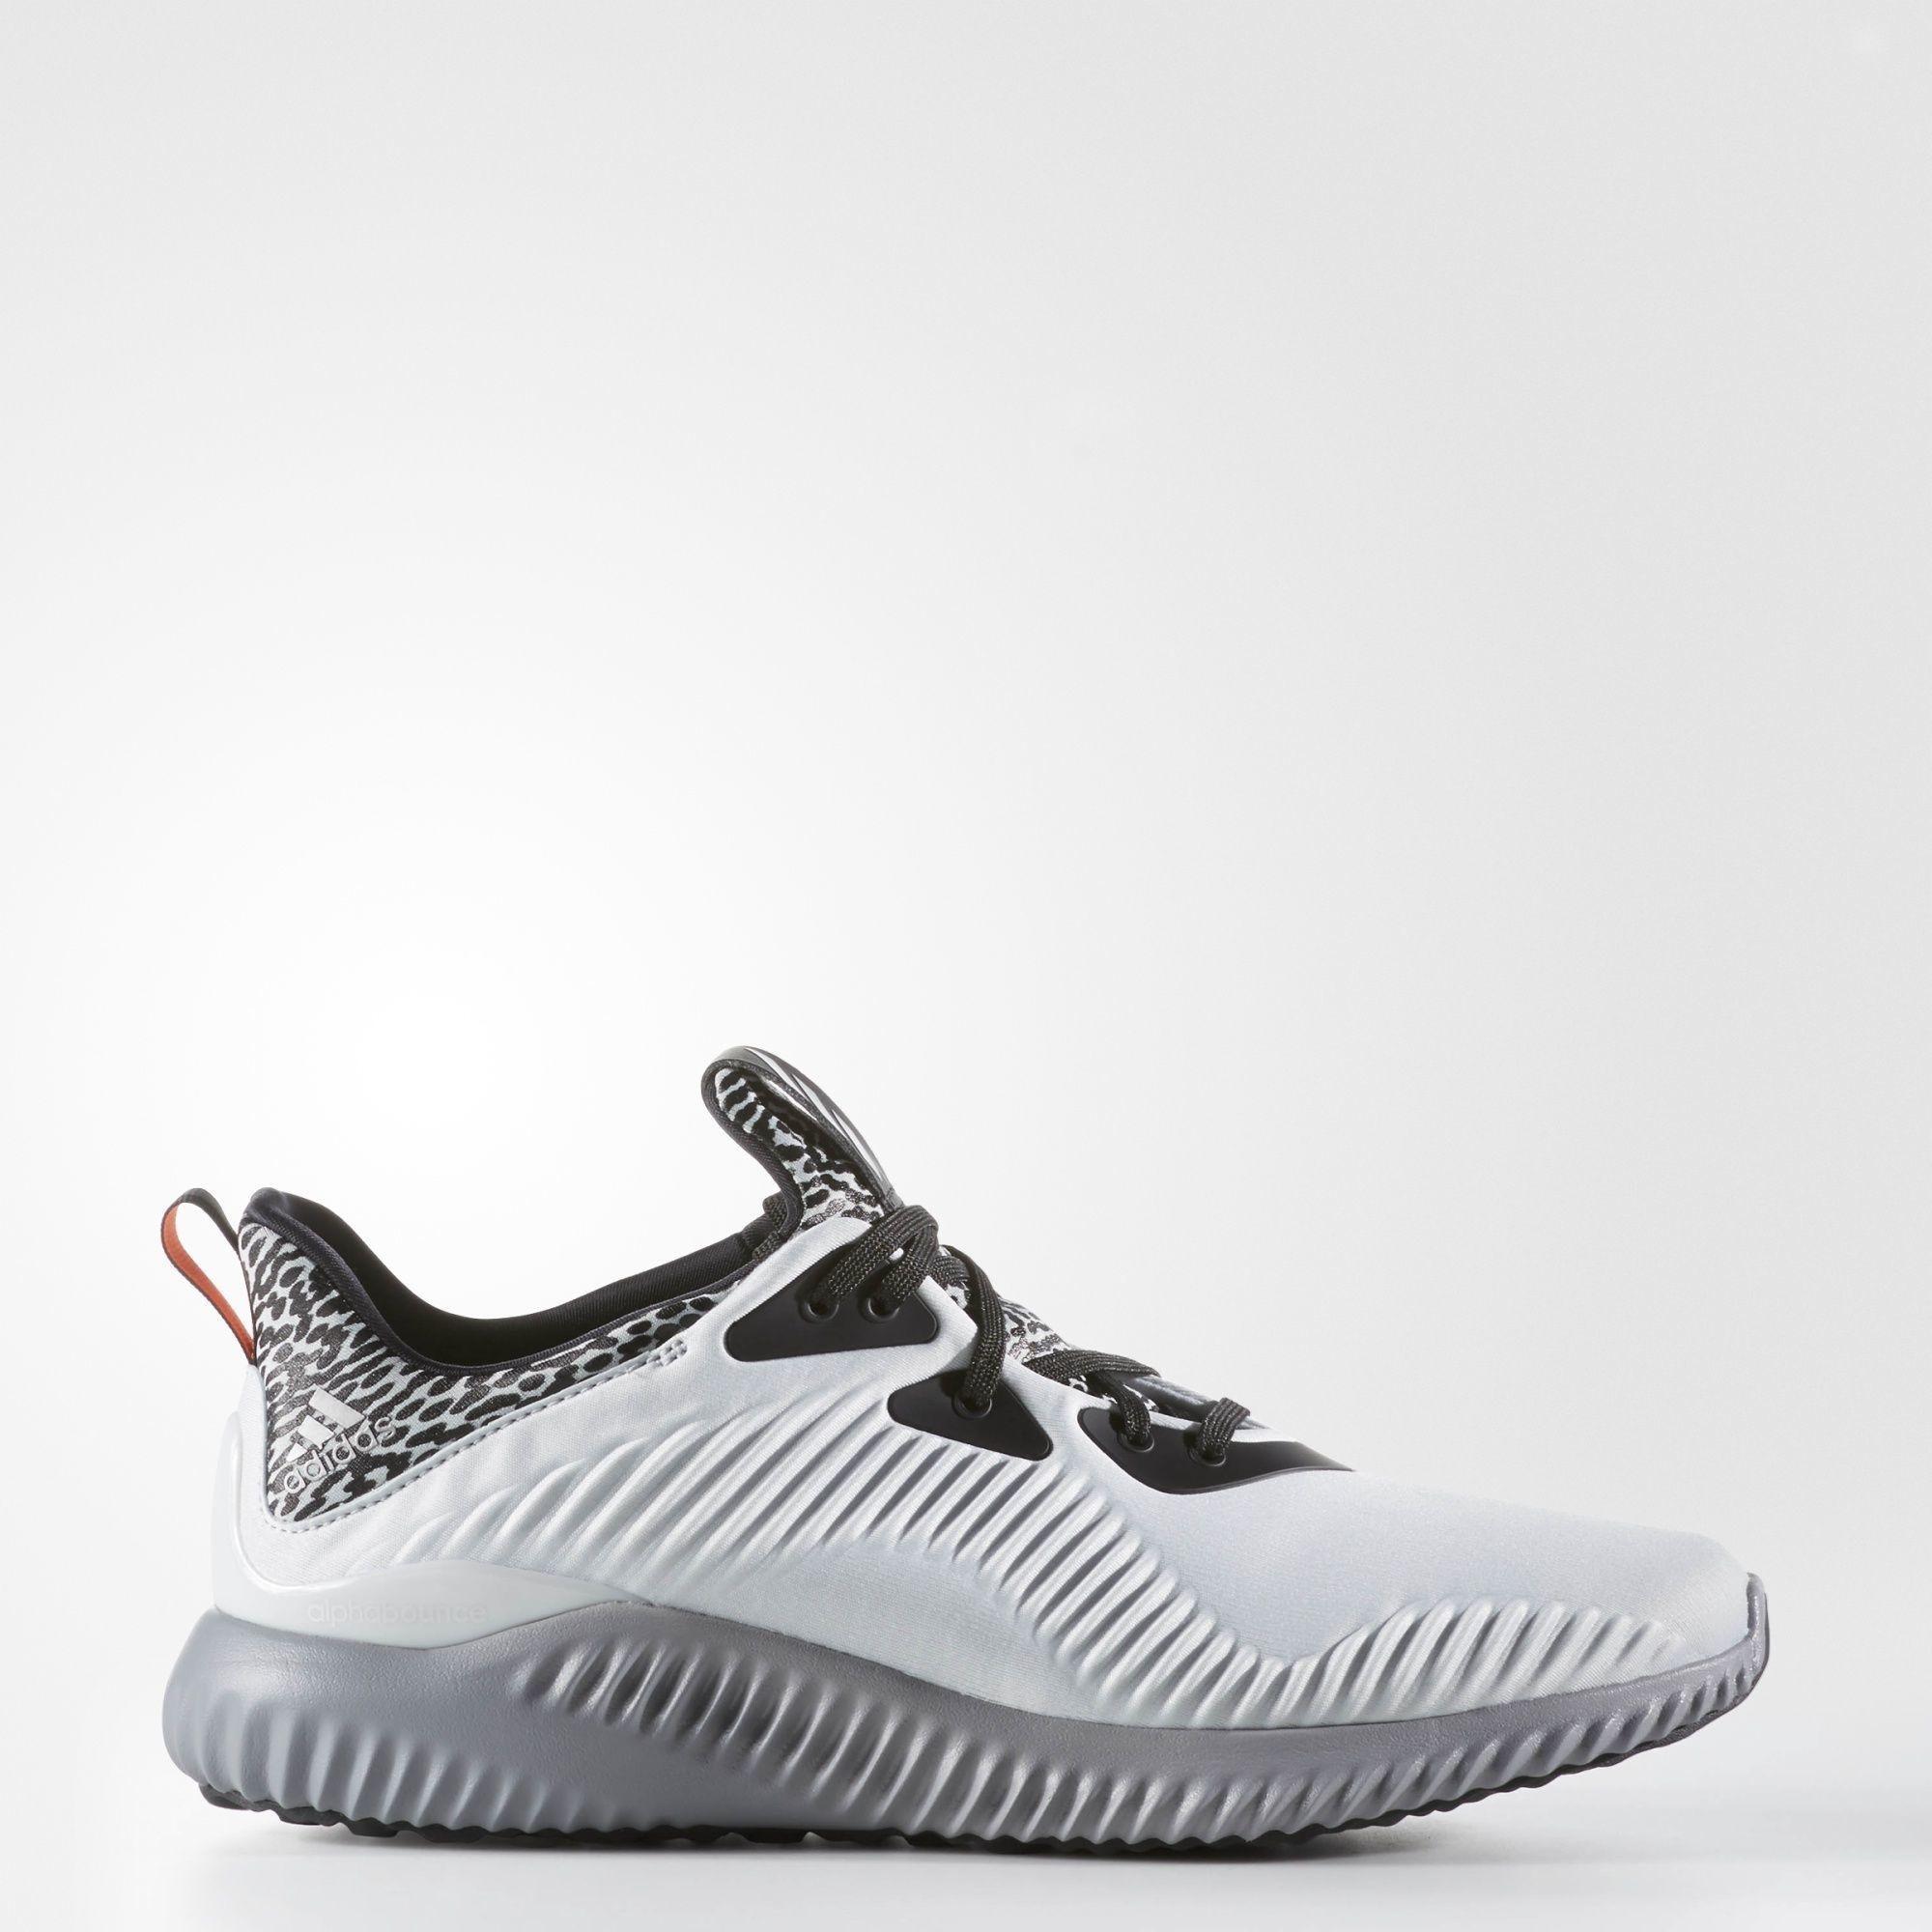 Giày thể thao nam adidas ALPHABOUNCE M FOOTWEAR AQ8214 (Trắng xám)